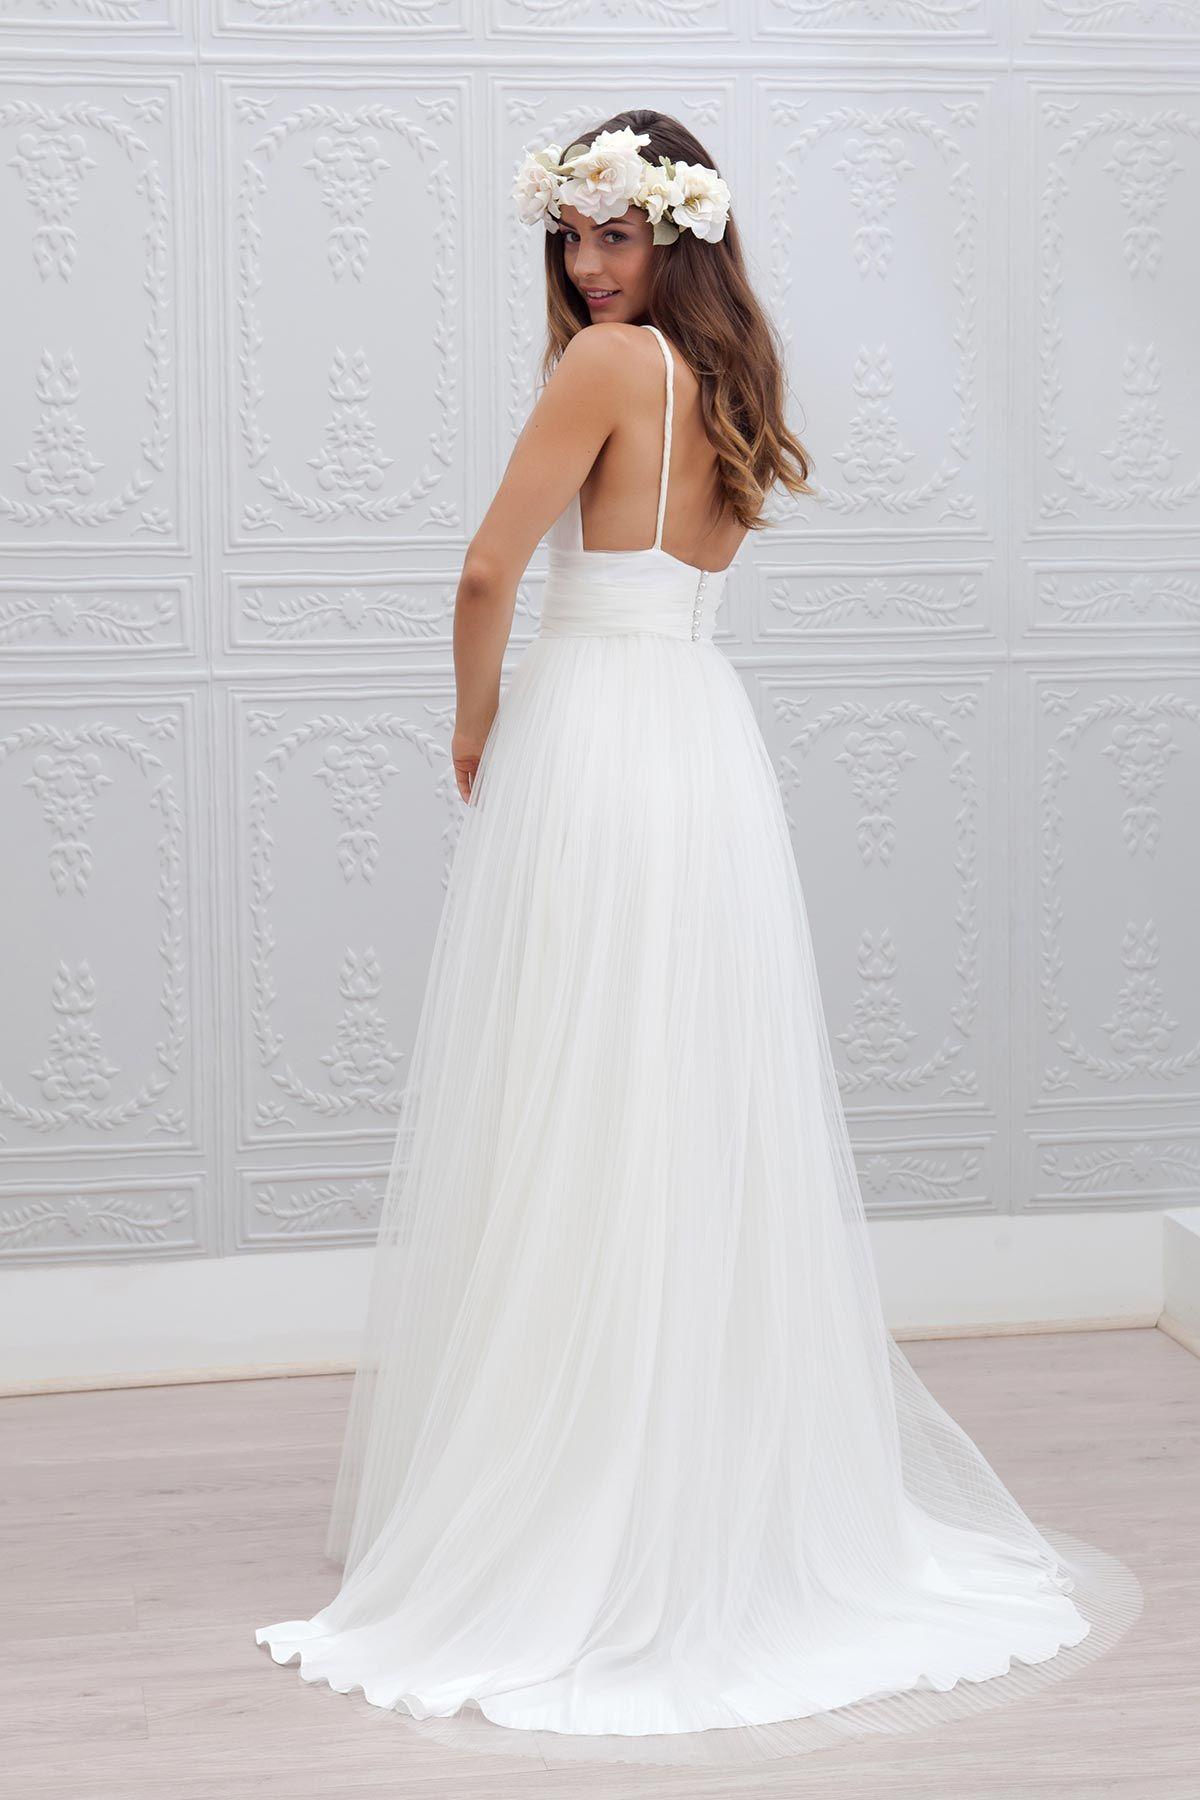 Iris | Hochzeitskleid, Hochzeitskleider und Ideen für die Hochzeit